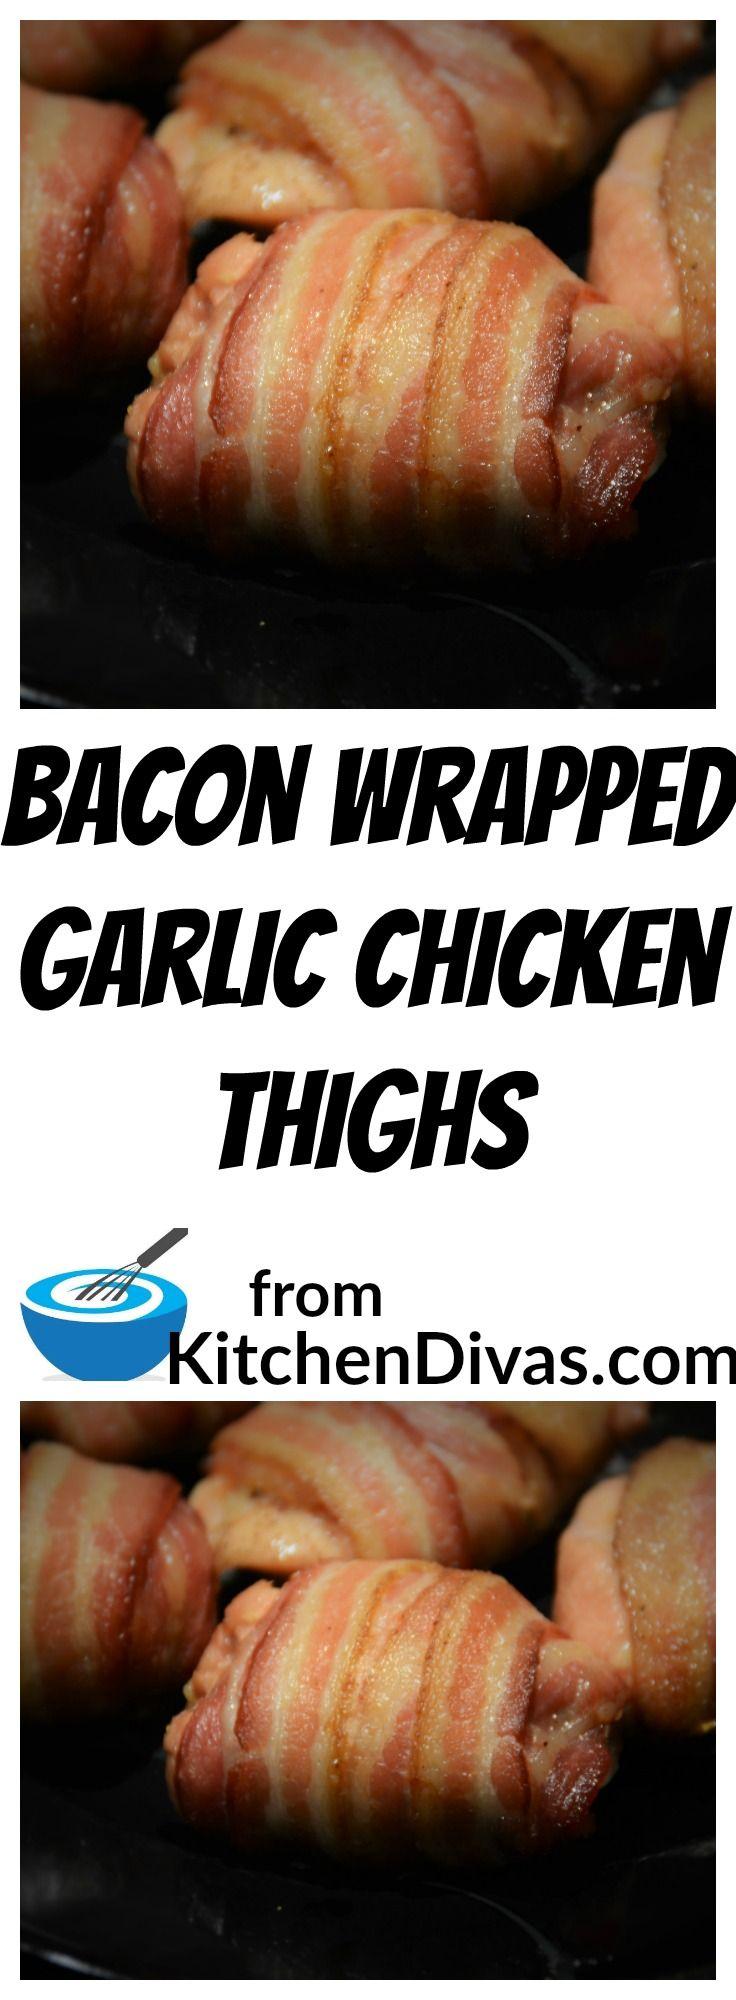 Read More at: recipes03.blogspot.ca                                                                                                                                                      More